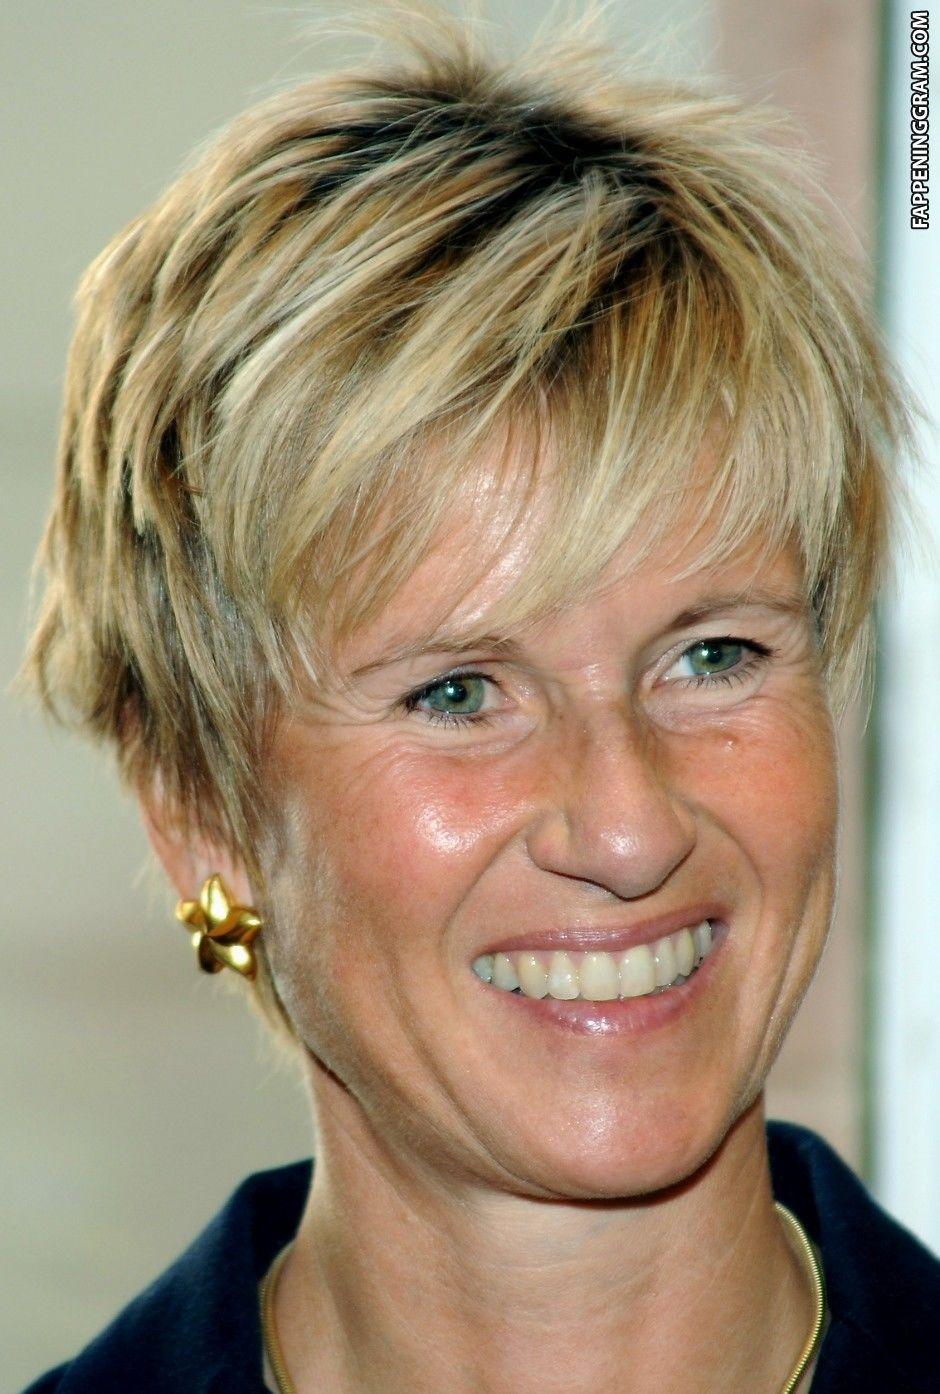 Susanne Klatten Nude